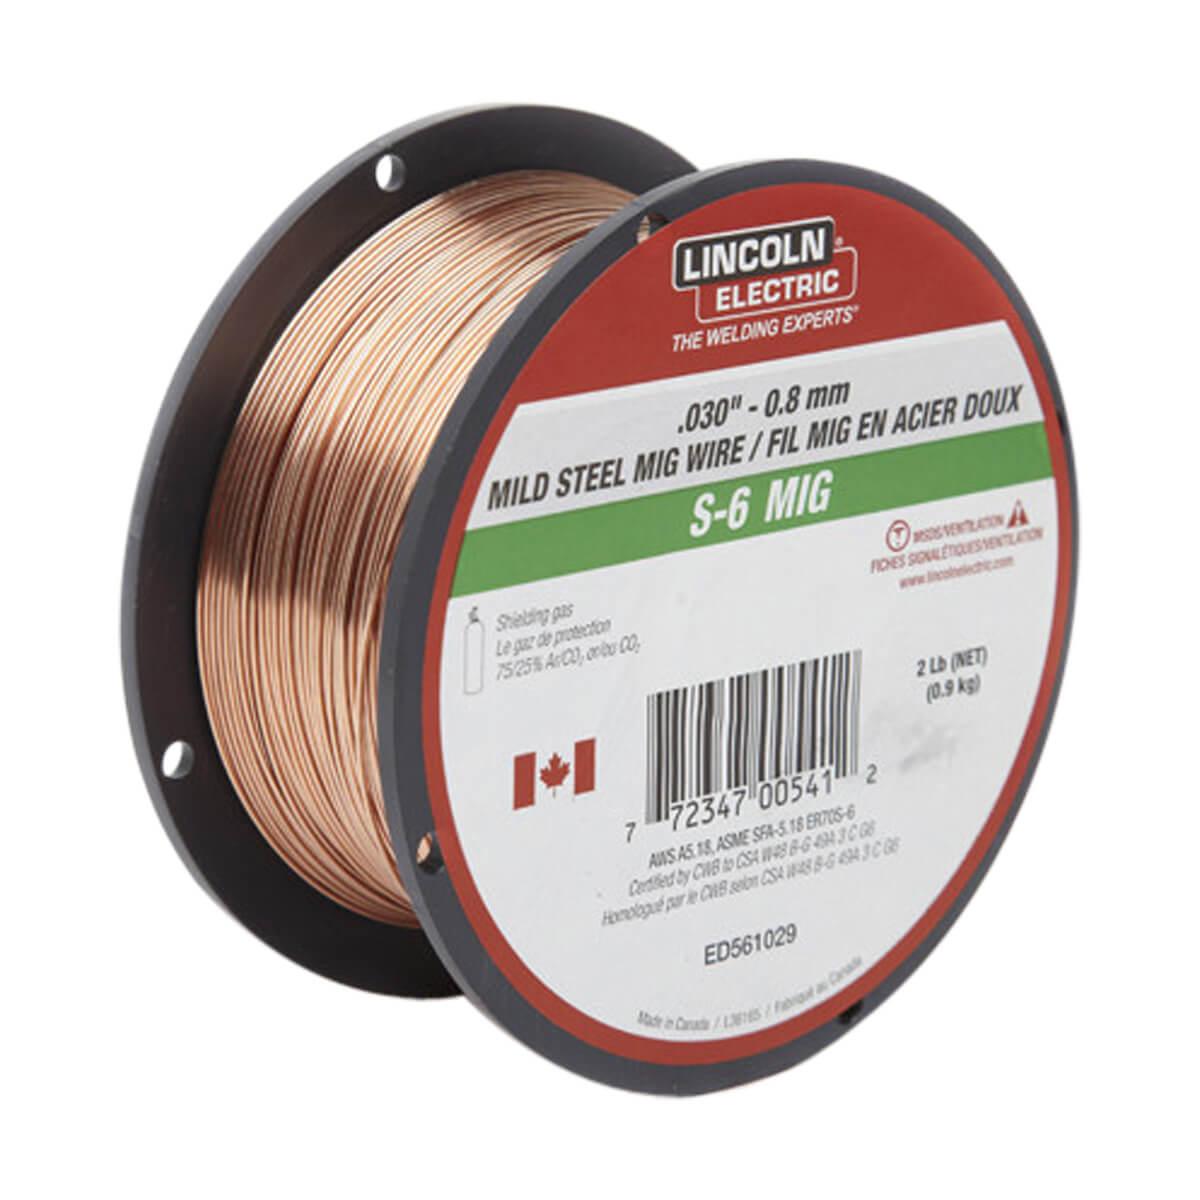 Lincoln Mig Wire S-6 - .030 2 lb ED561029